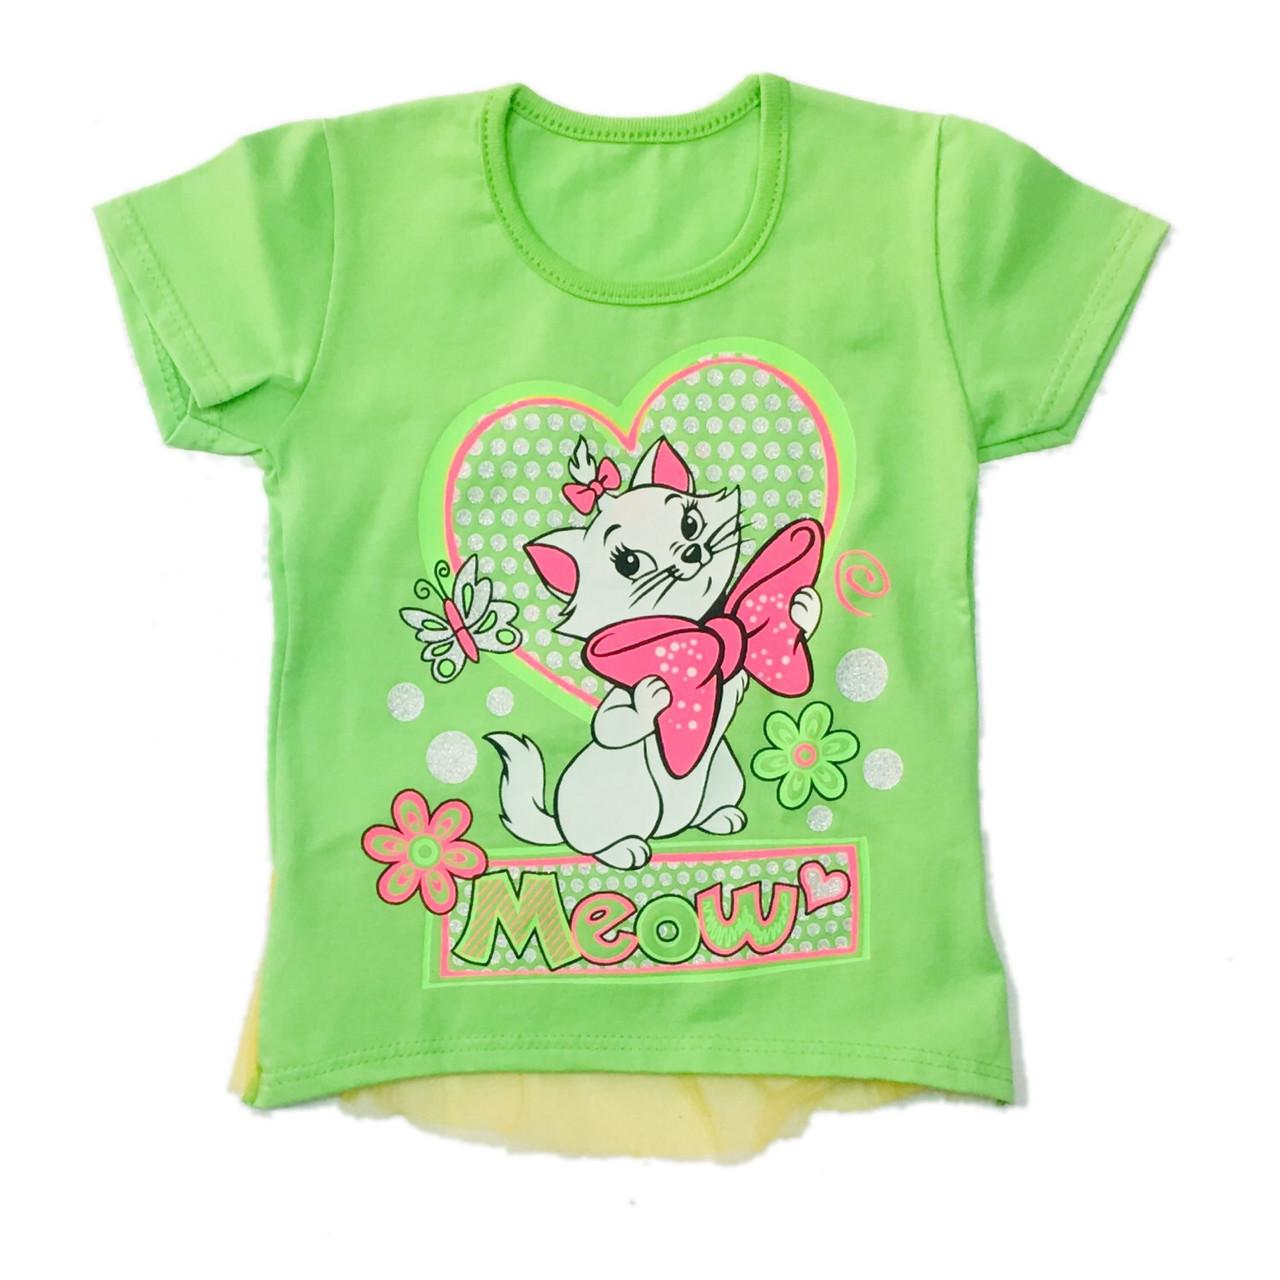 Детская футболка для девочки, 86см